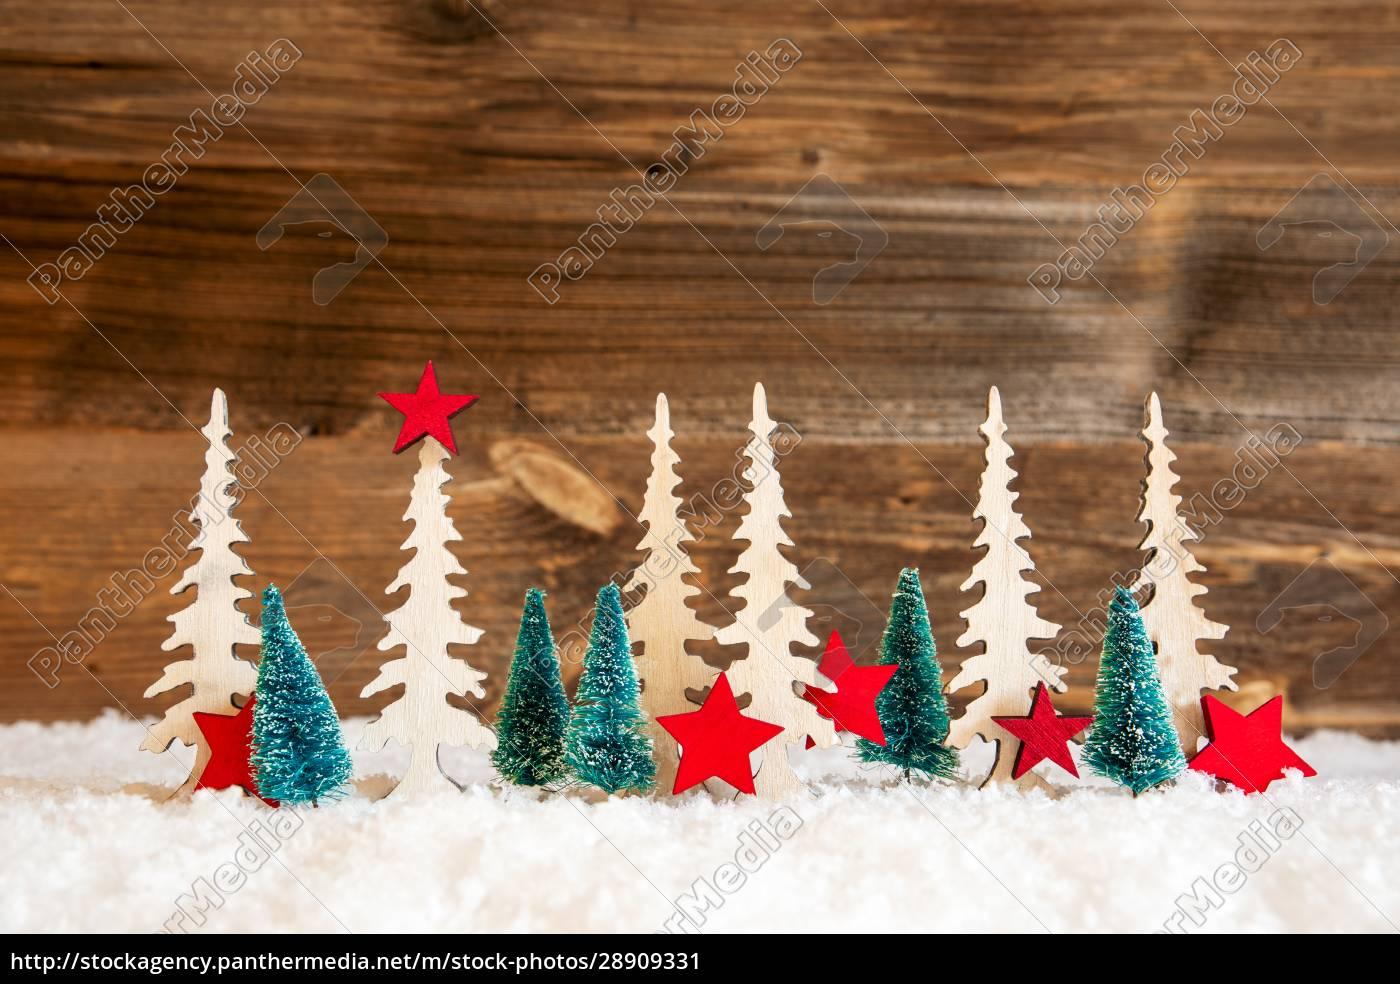 choinka, Śnieg, czerwona, gwiazda, kopiuj, przestrzeń, drewniane, tło - 28909331